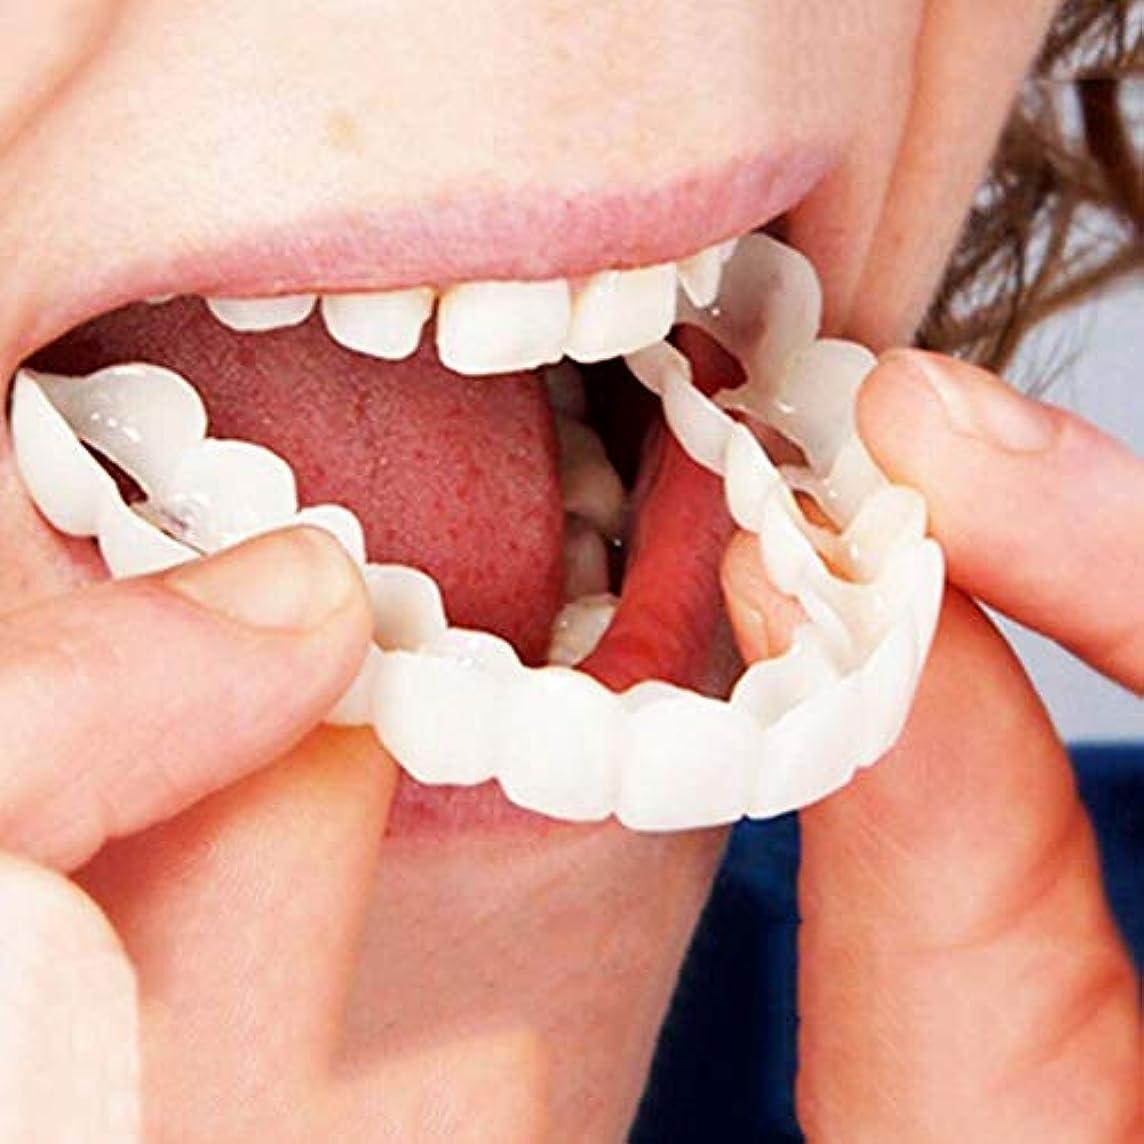 惨めな観光に行くメガロポリスTerGOOSE 歯 矯正 矯正器 歯を白く 矯正用リテーナー 完璧な笑顔 快適な 歯列矯正 歯並び 噛み合わせ 歯リテイナー 歯ぎしり いびき防止 多機能 健康管理ツール 歯の損傷を防ぐ 有効 (下+上)